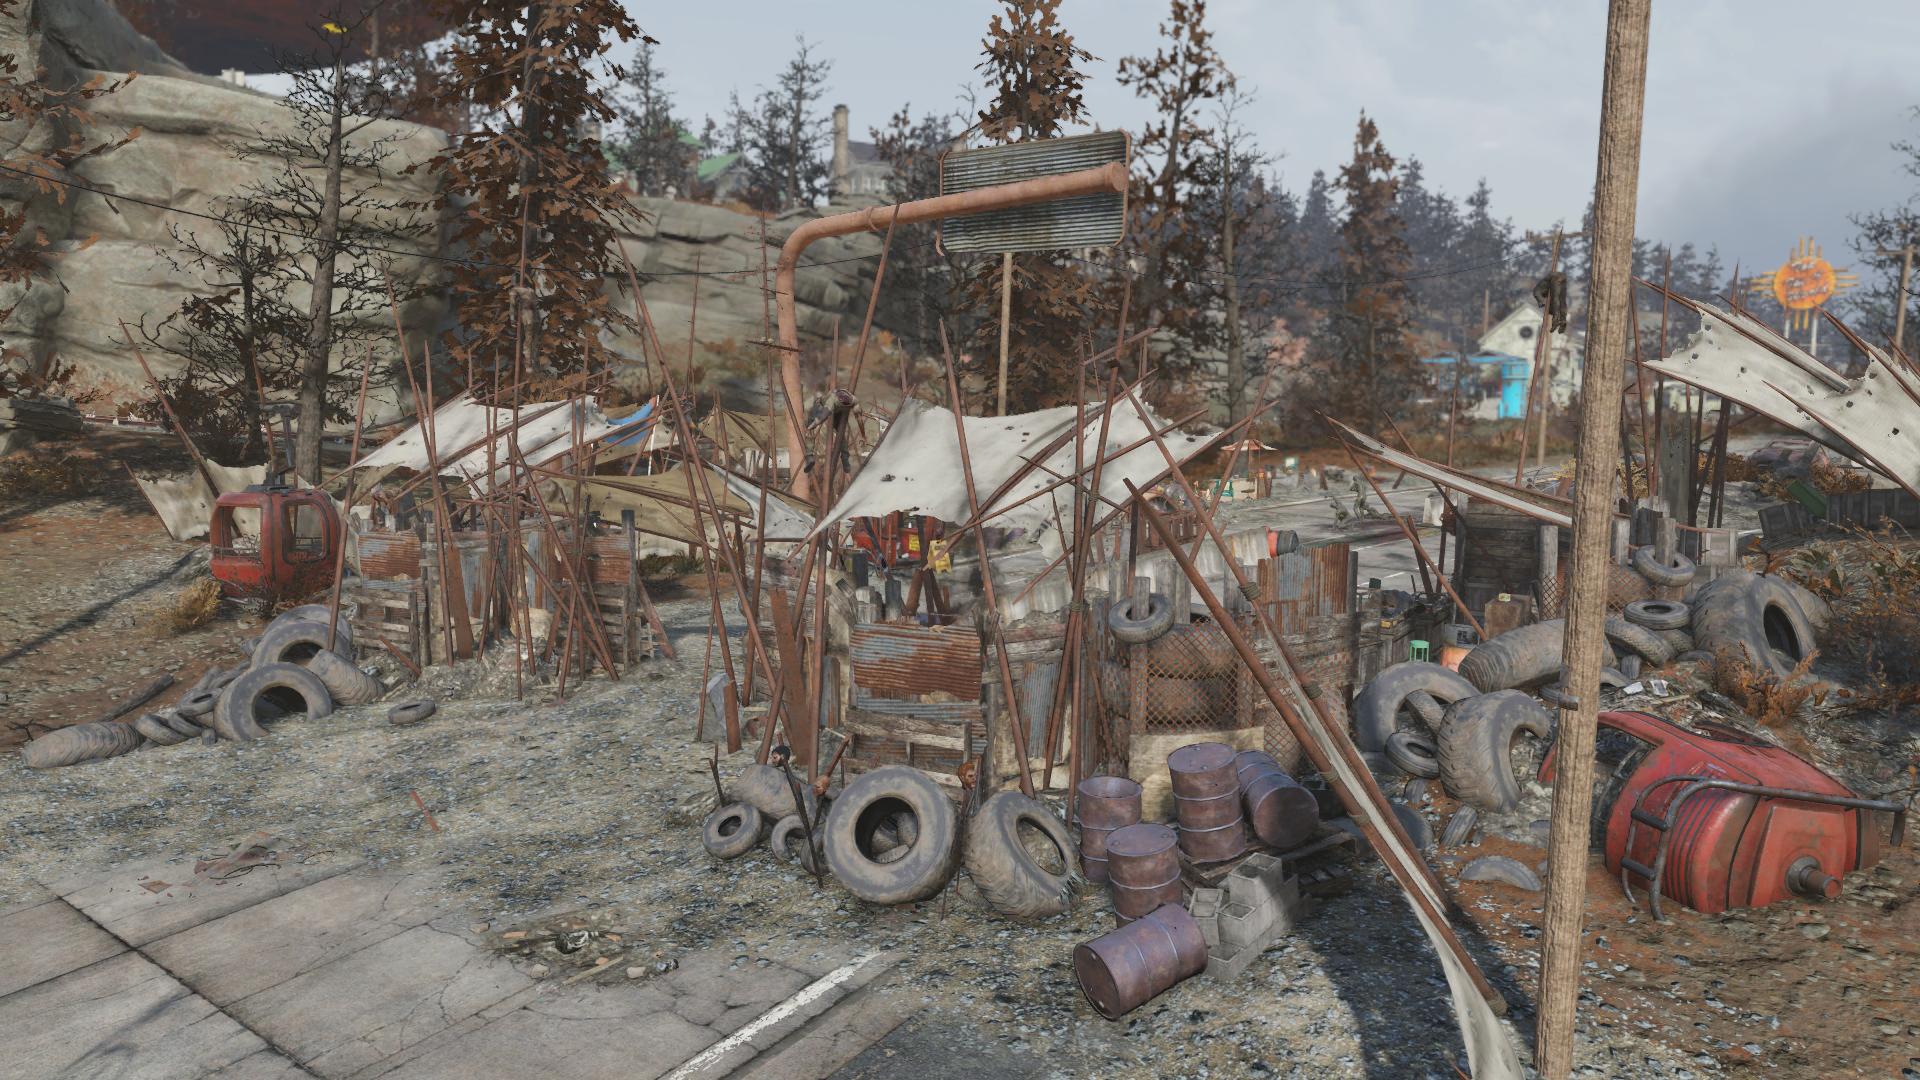 South Cutthroat camp